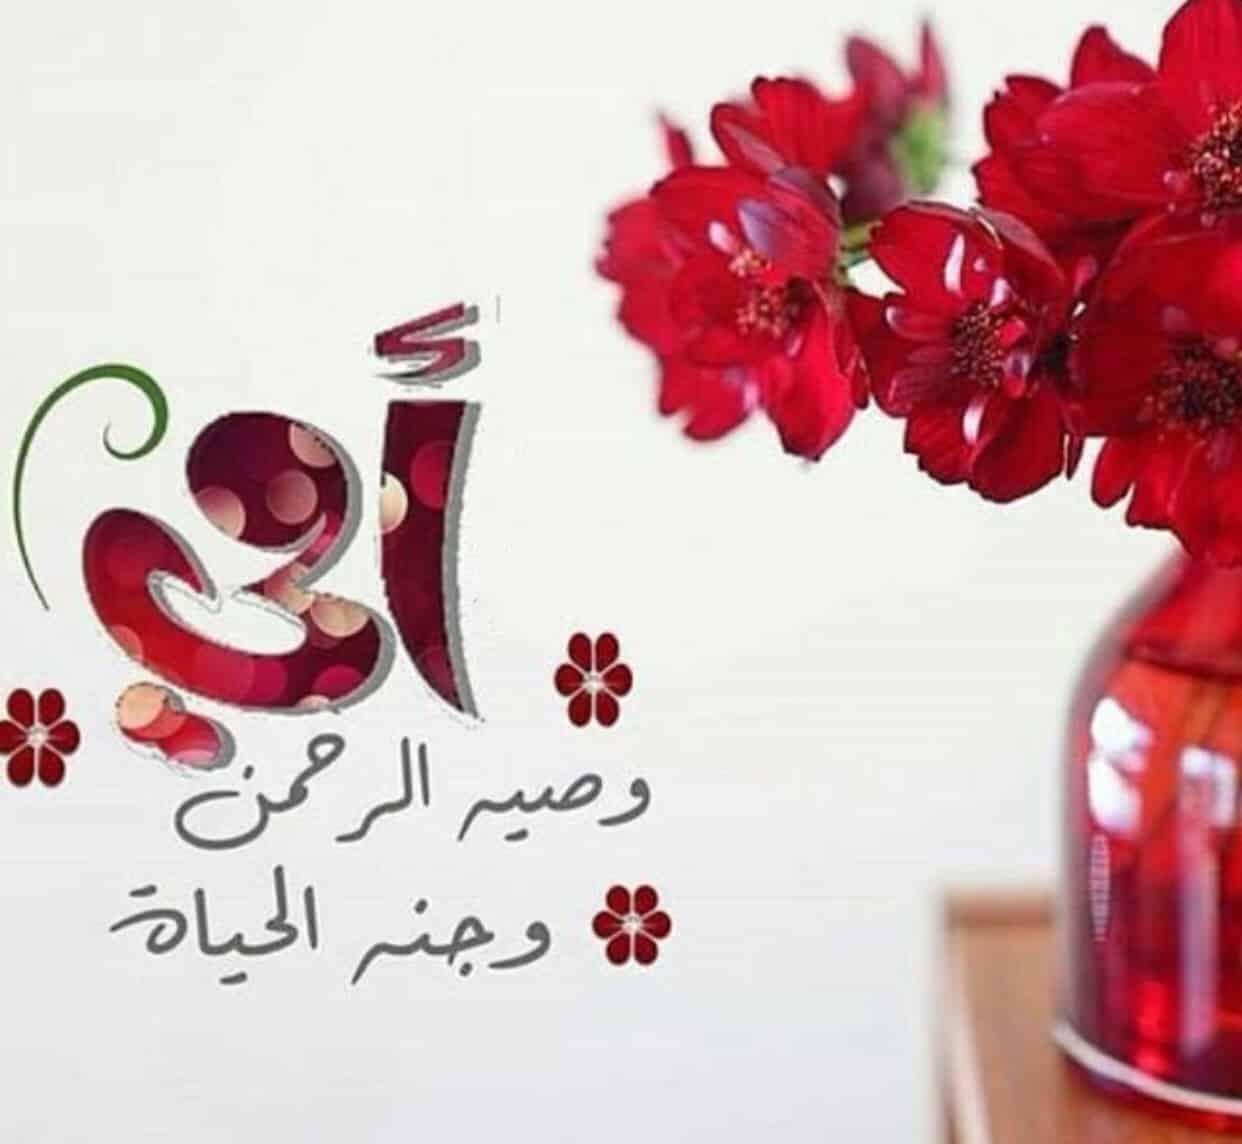 صورة كلمات عن عيد الام , عيد الام واجمل كلمه تلقيها فى هذا اليوم 2502 5